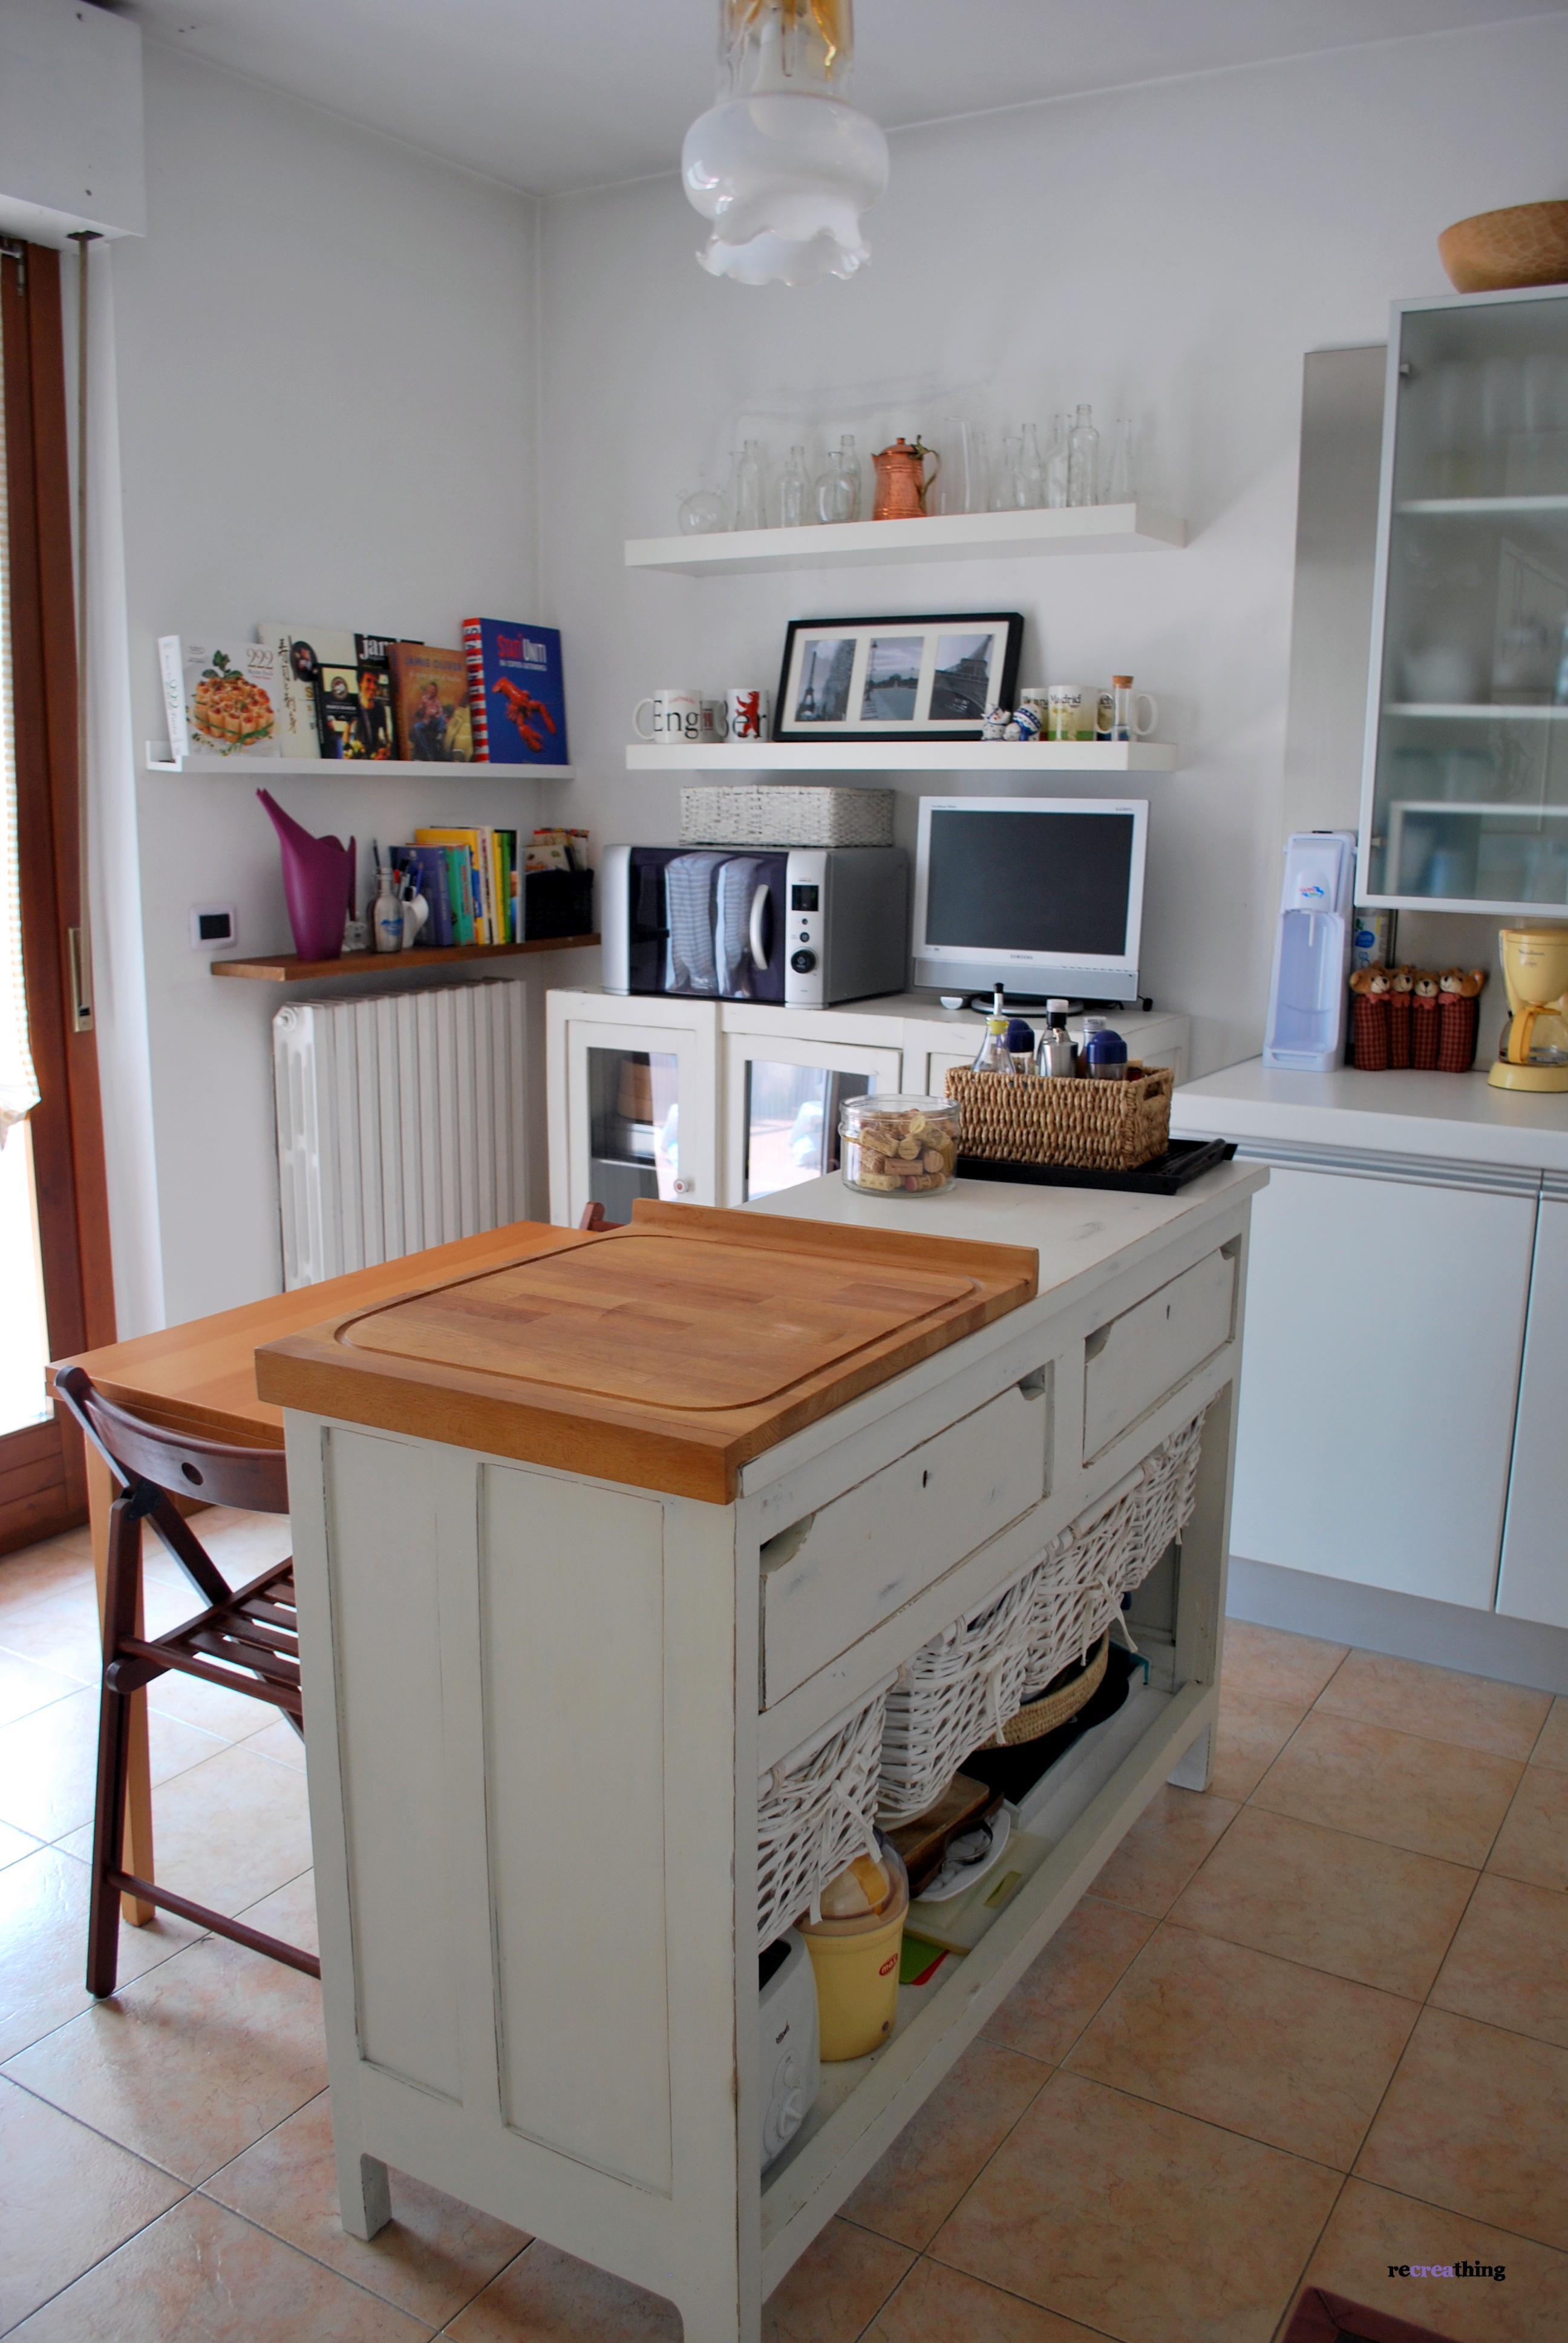 Idee Banconi Cucina: Ecco una piccola galleria di soluzioni e idee per il bancone da cucina.